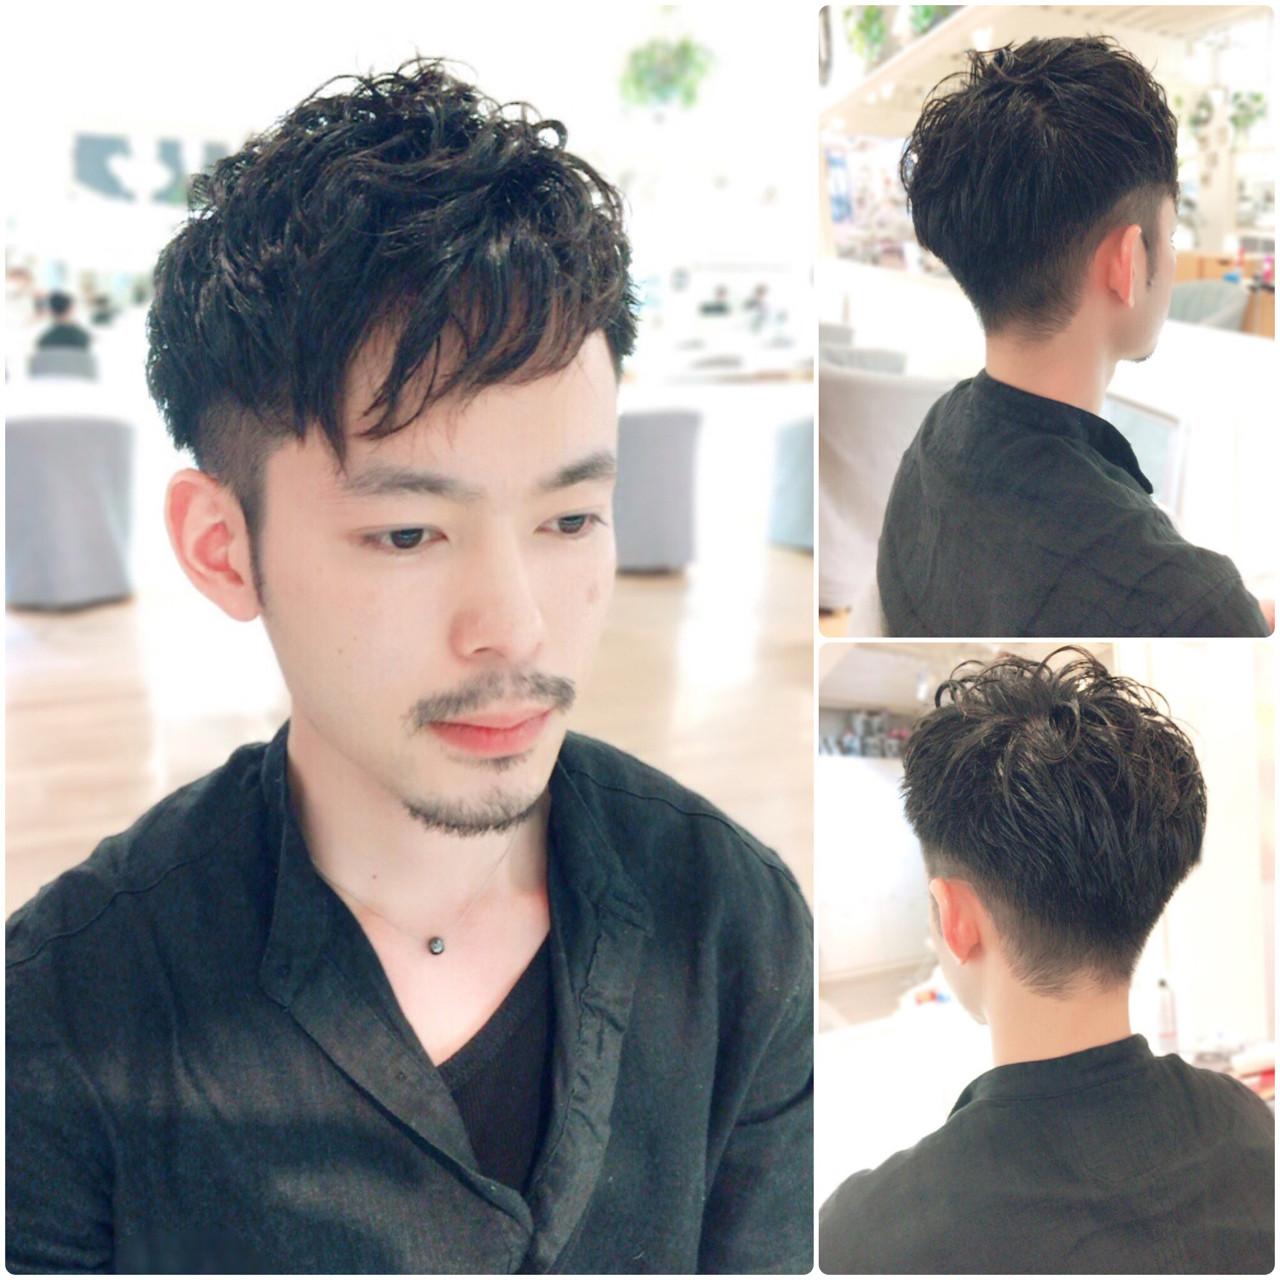 ショート ボーイッシュ 刈り上げ パーマヘアスタイルや髪型の写真・画像